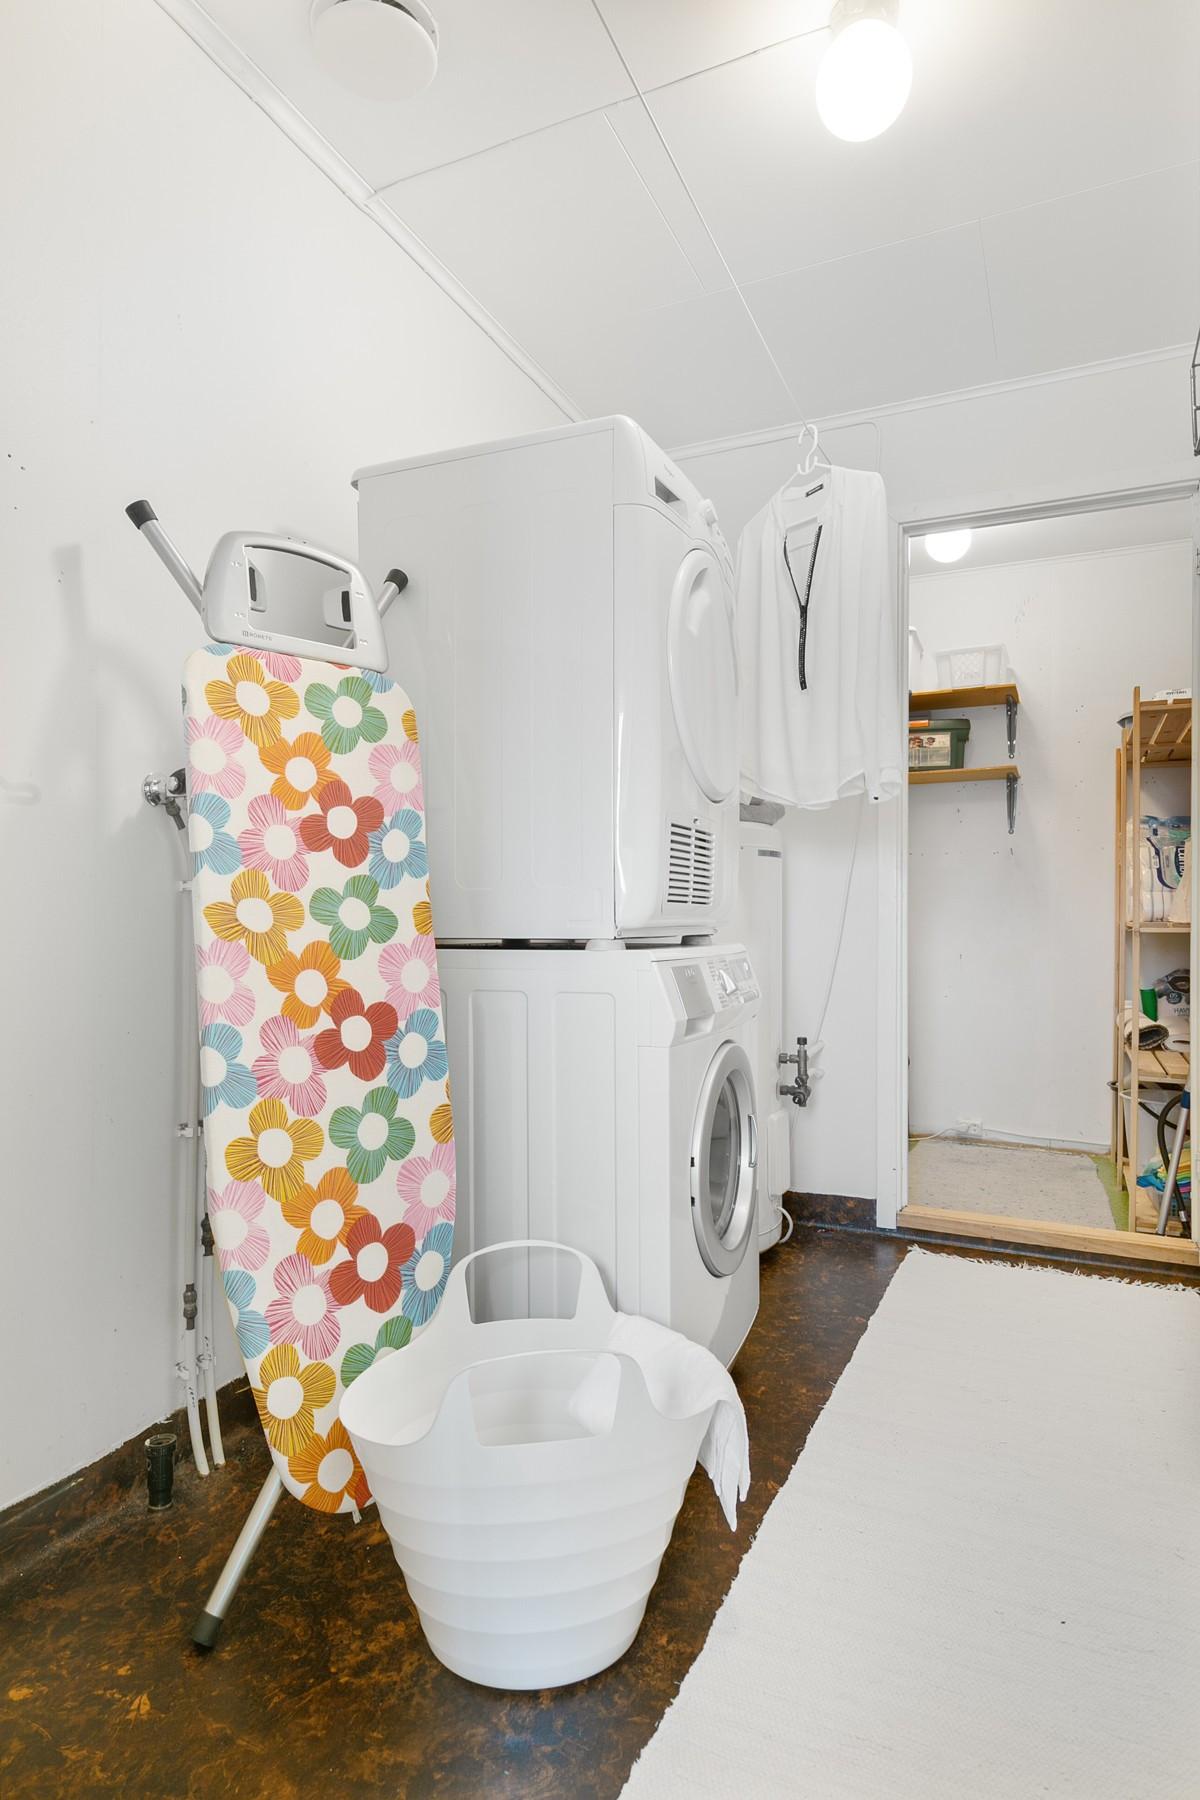 Vaskerom - Døren leder til bod innenfor vaskerommet